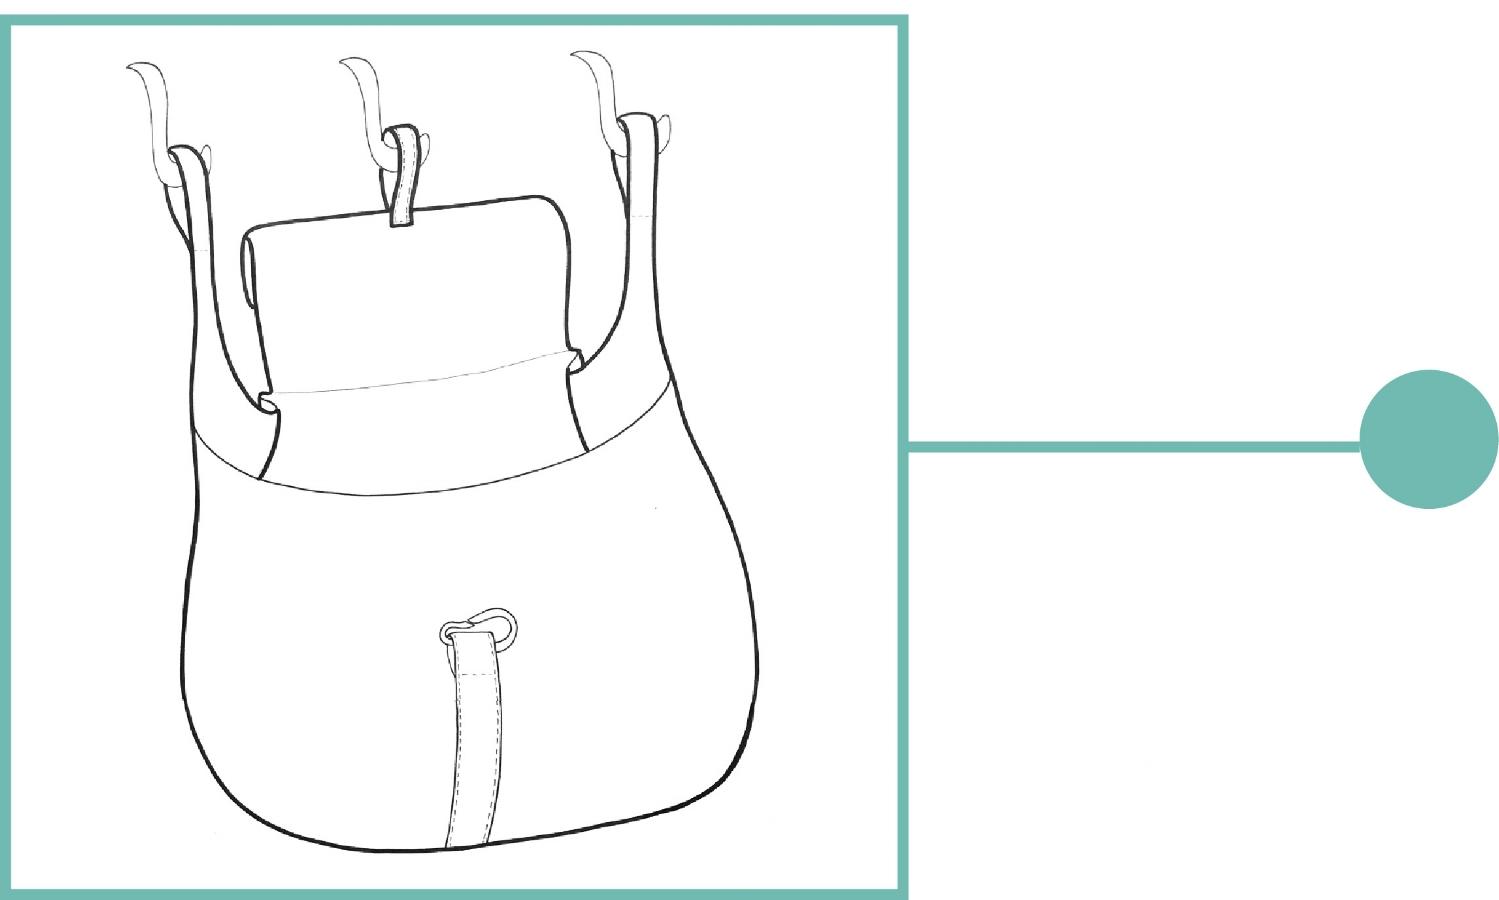 Final Roo Sketch.jpg